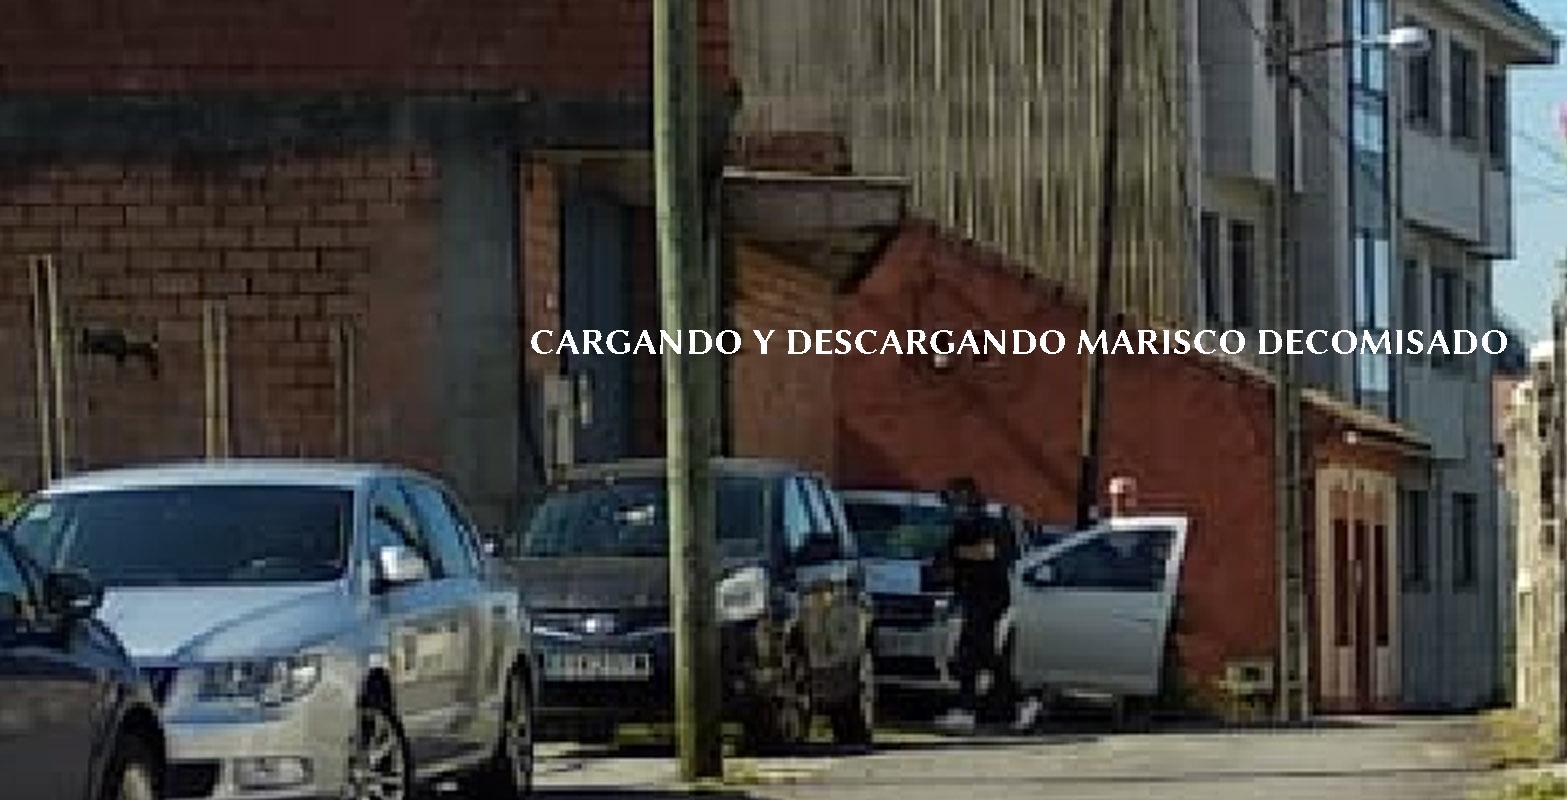 2 CARGANDOYDESCARGANDO MARISCO funCionariodelaconselleriadomar arosa prevaricador